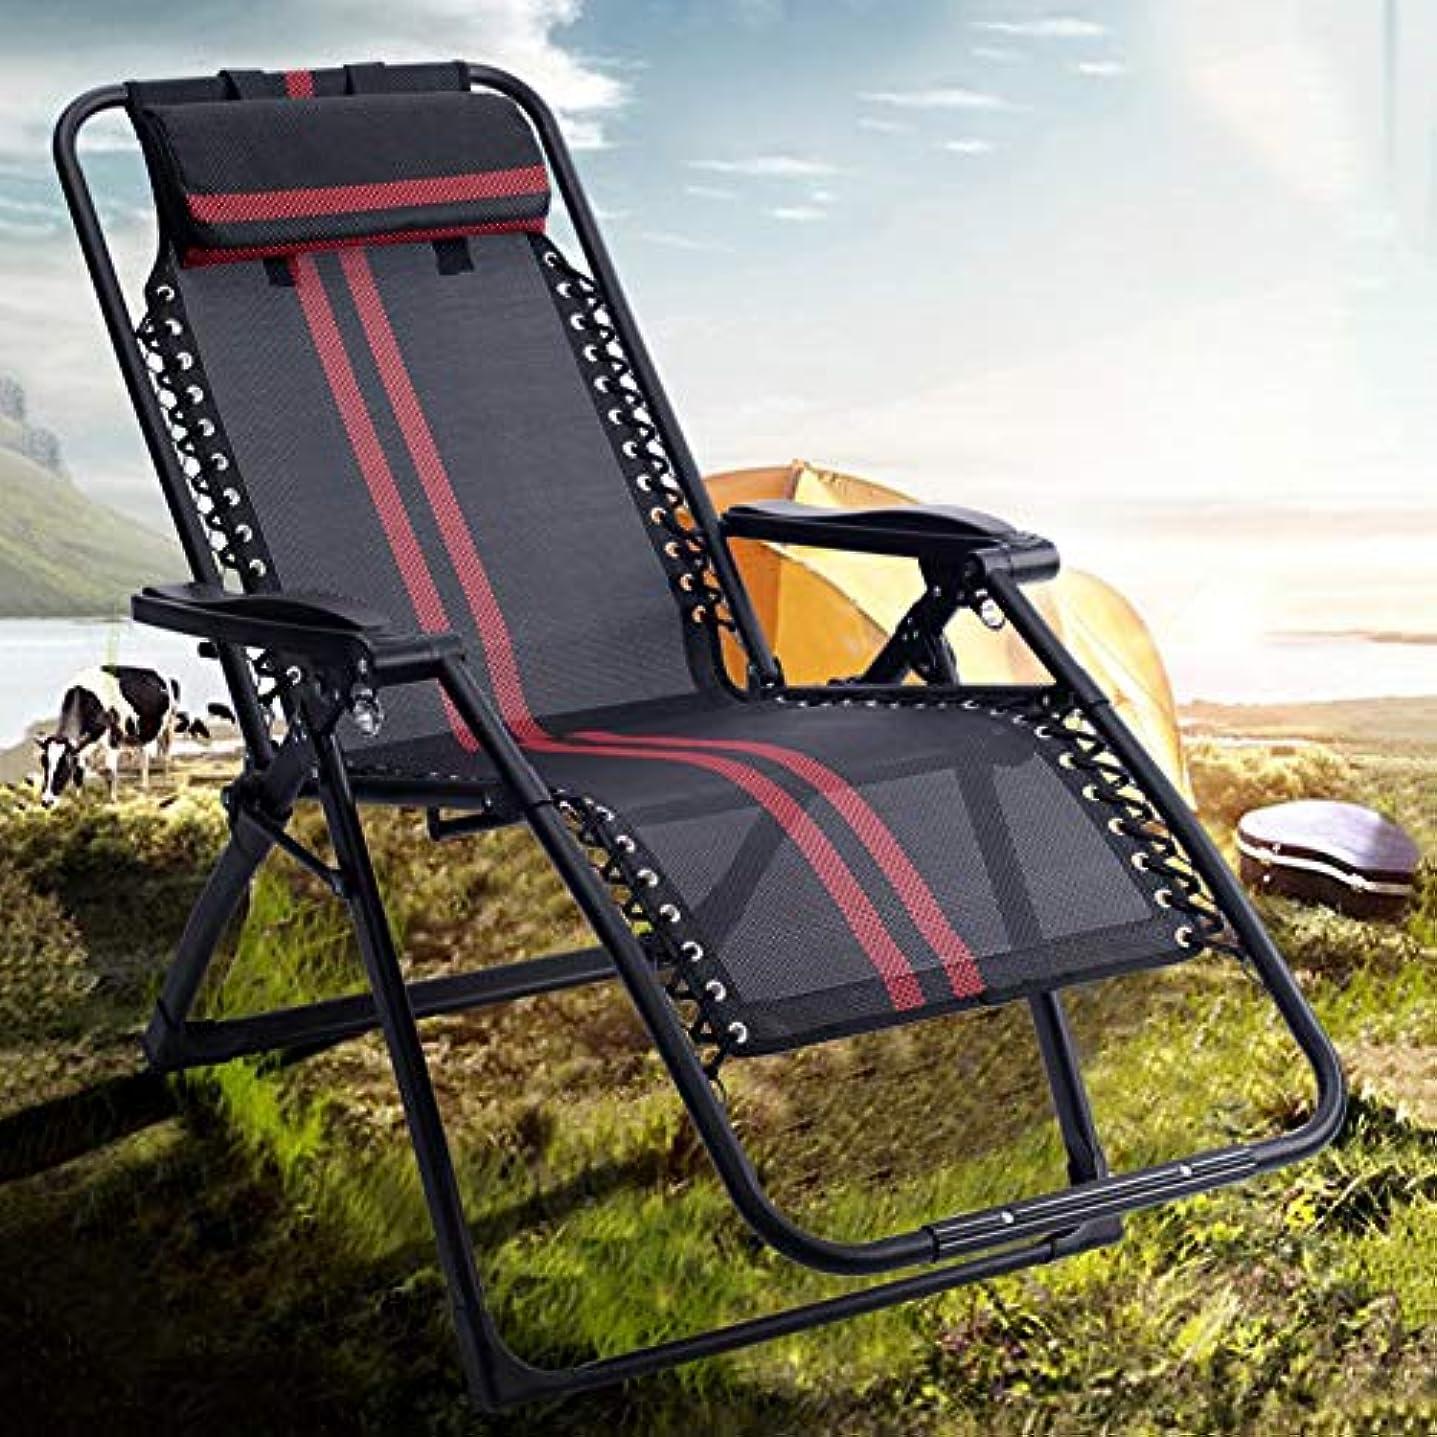 手がかりクリーク壊す折りたたみ長椅子、ラウンジチェアポータブルリクライニングチェア調節可能なリクライニングポジションキャンプビーチプールパティオデッキサポート200キログラム